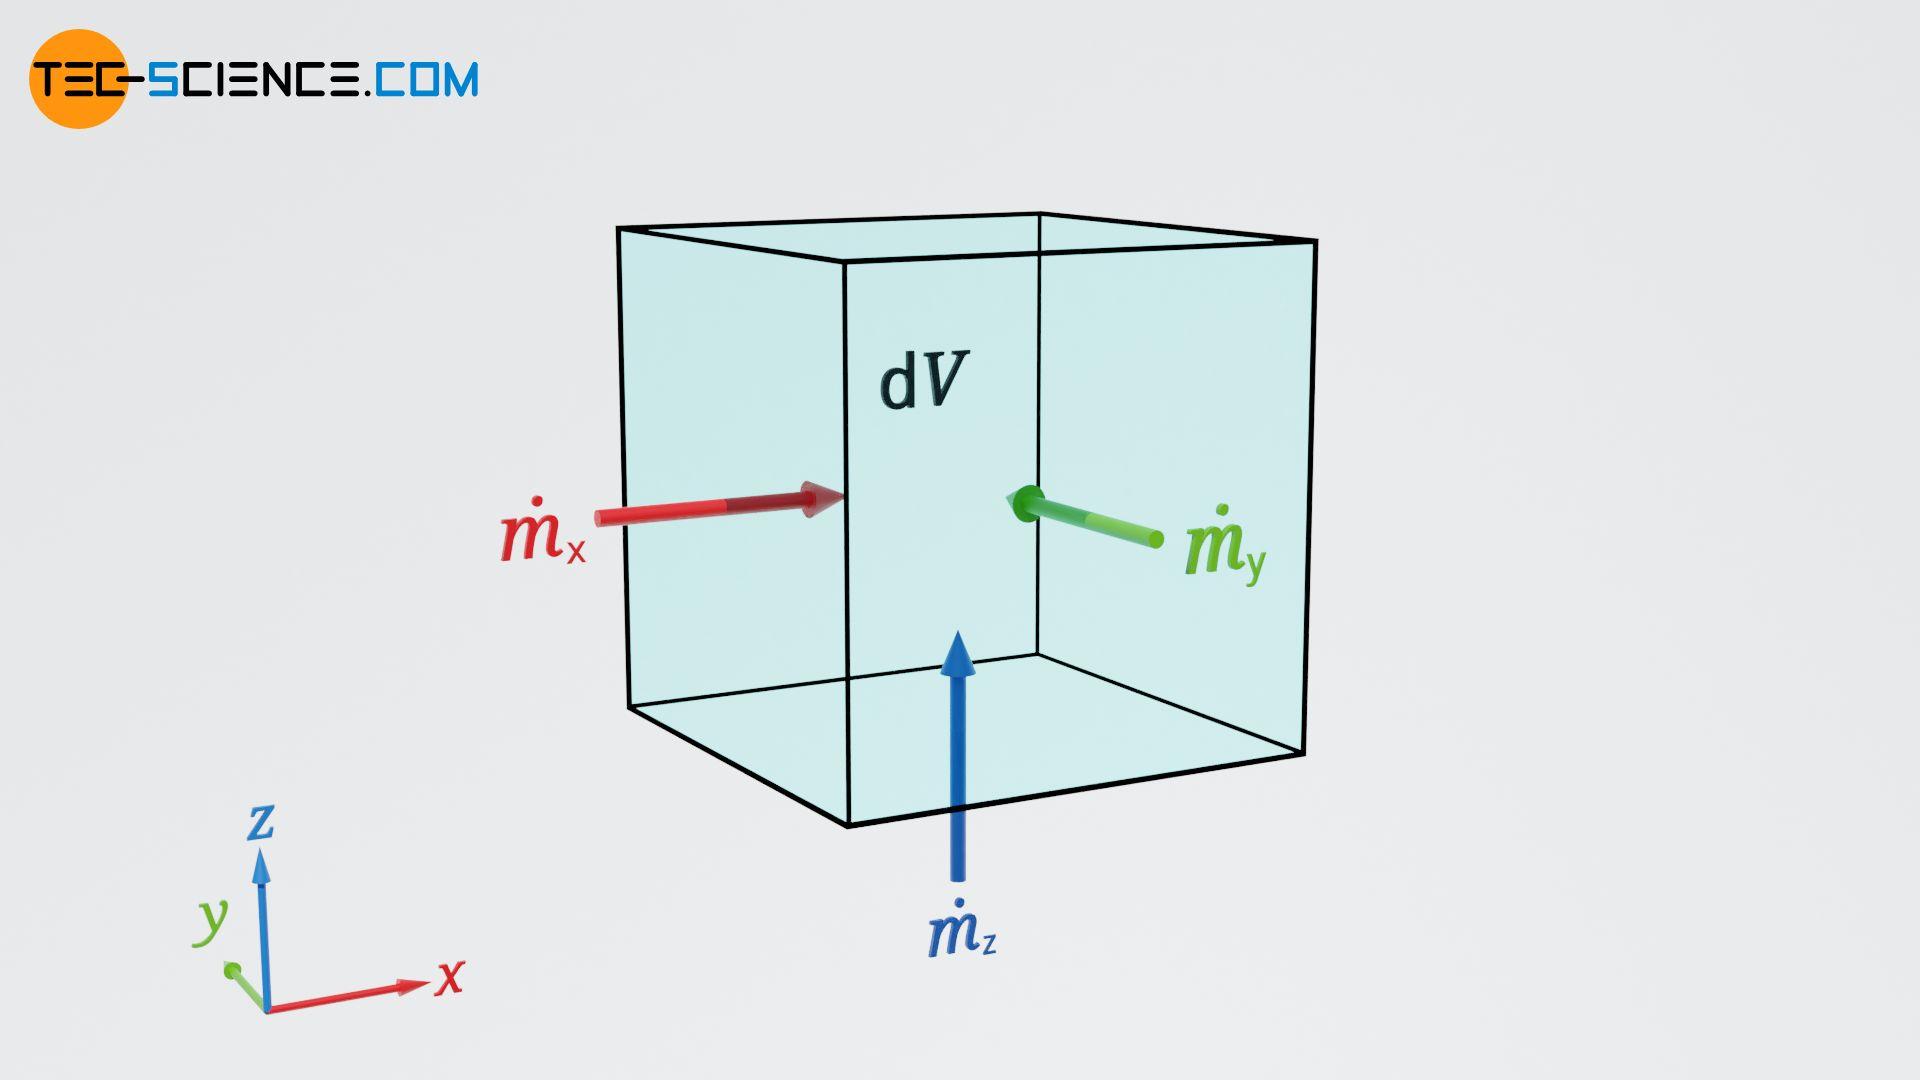 Massenströme über die Grenzen eines Volumenelementes hinweg